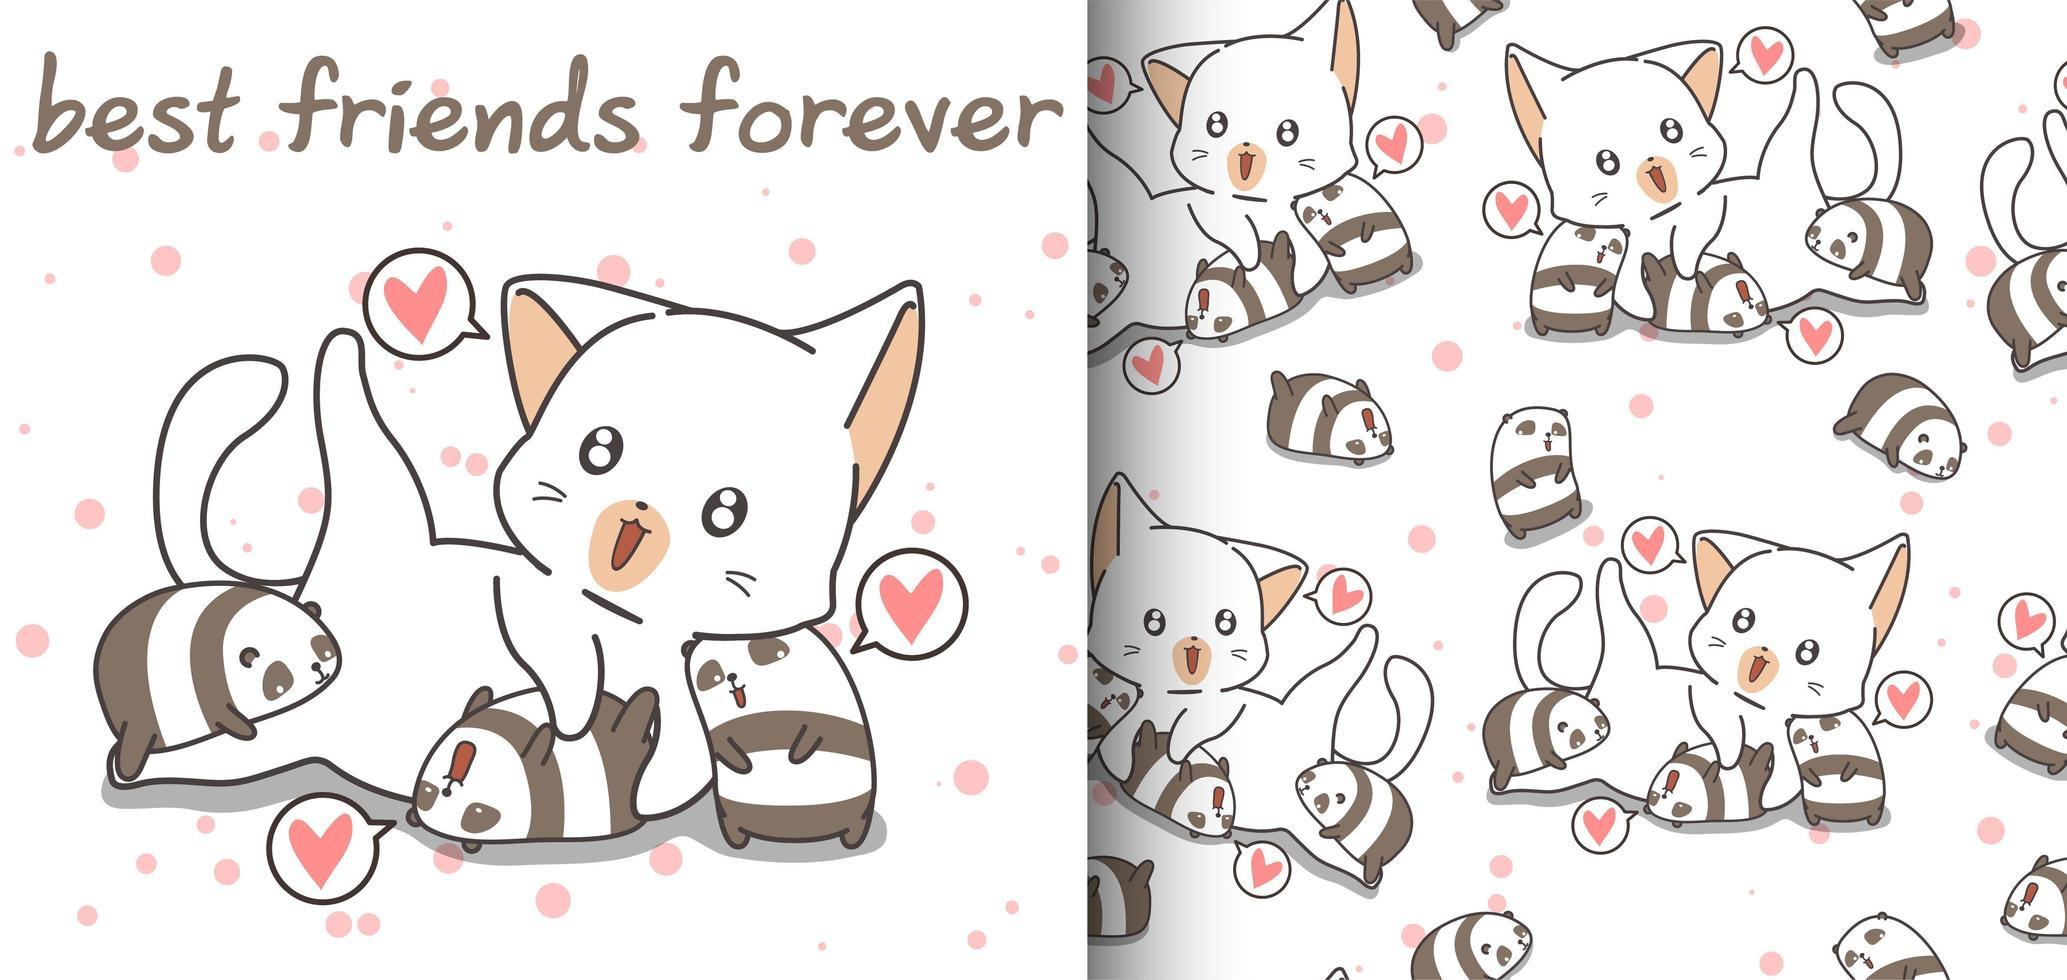 padrão perfeito de gato adorável e pequenos pandas vetor